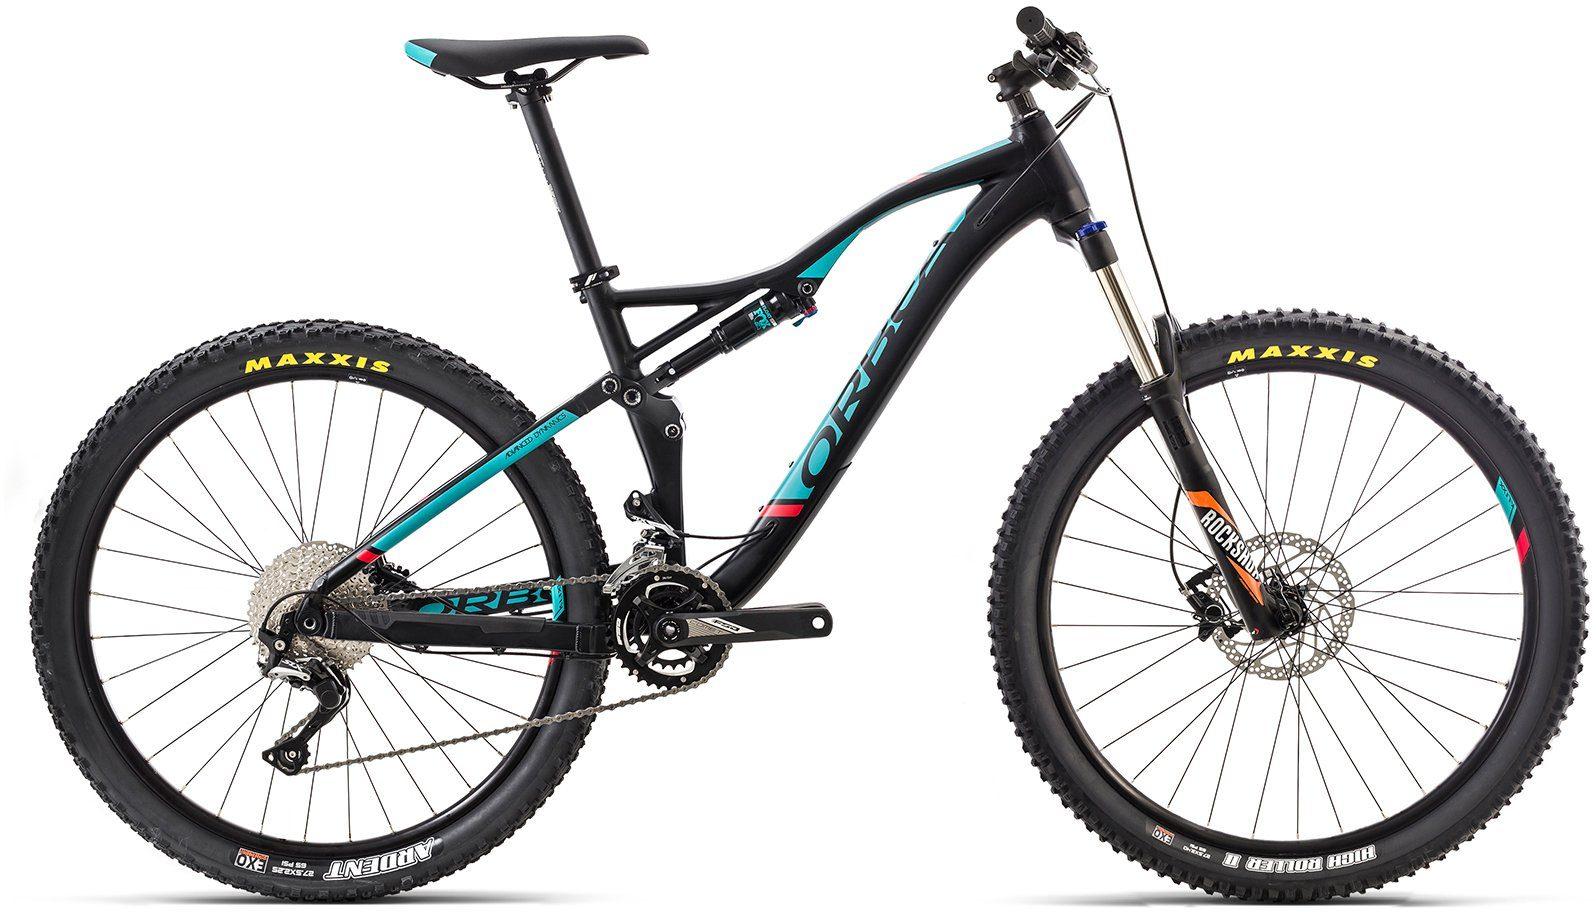 Orbea Mountainbike »Occam AM H50«, 22 Gang Shimano SLX M7000 GS Shadow Plus Direct Mount Schaltwerk, Kettenschaltung